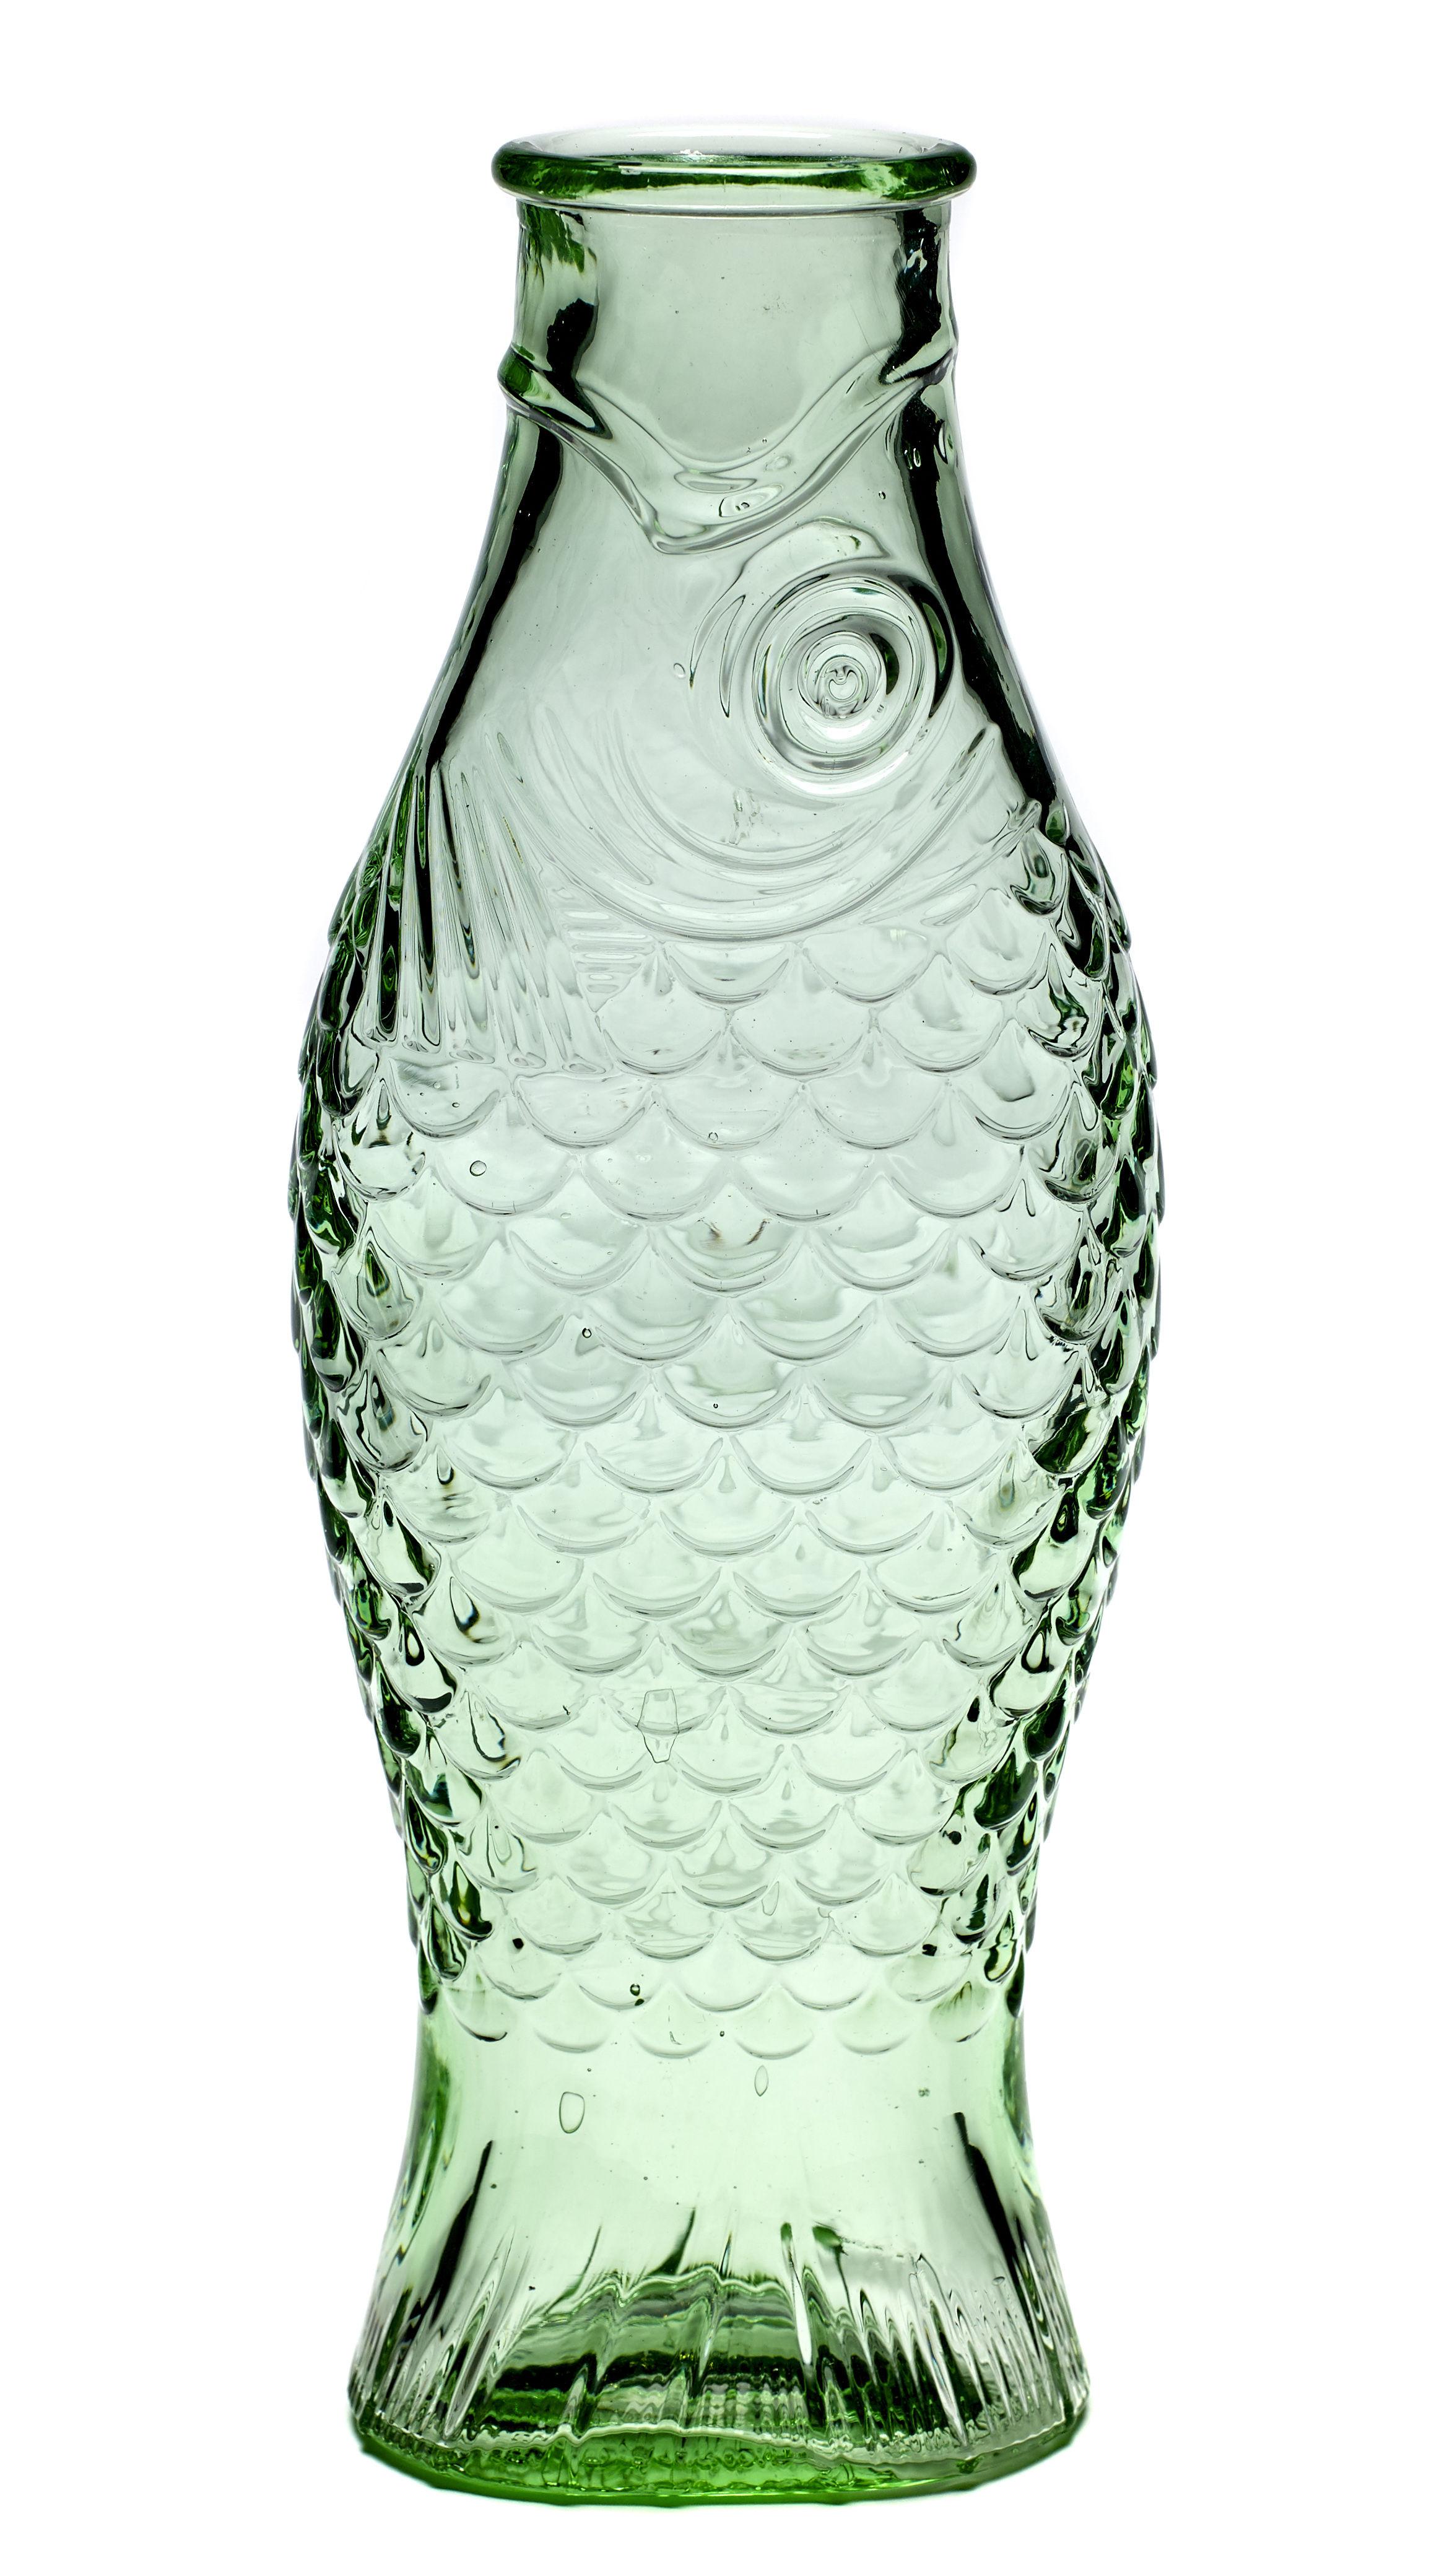 Tavola - Caraffe e Decantatori - Caraffa Fish & Fish / 1L - Serax - Verde trasparente - Vetro pressato